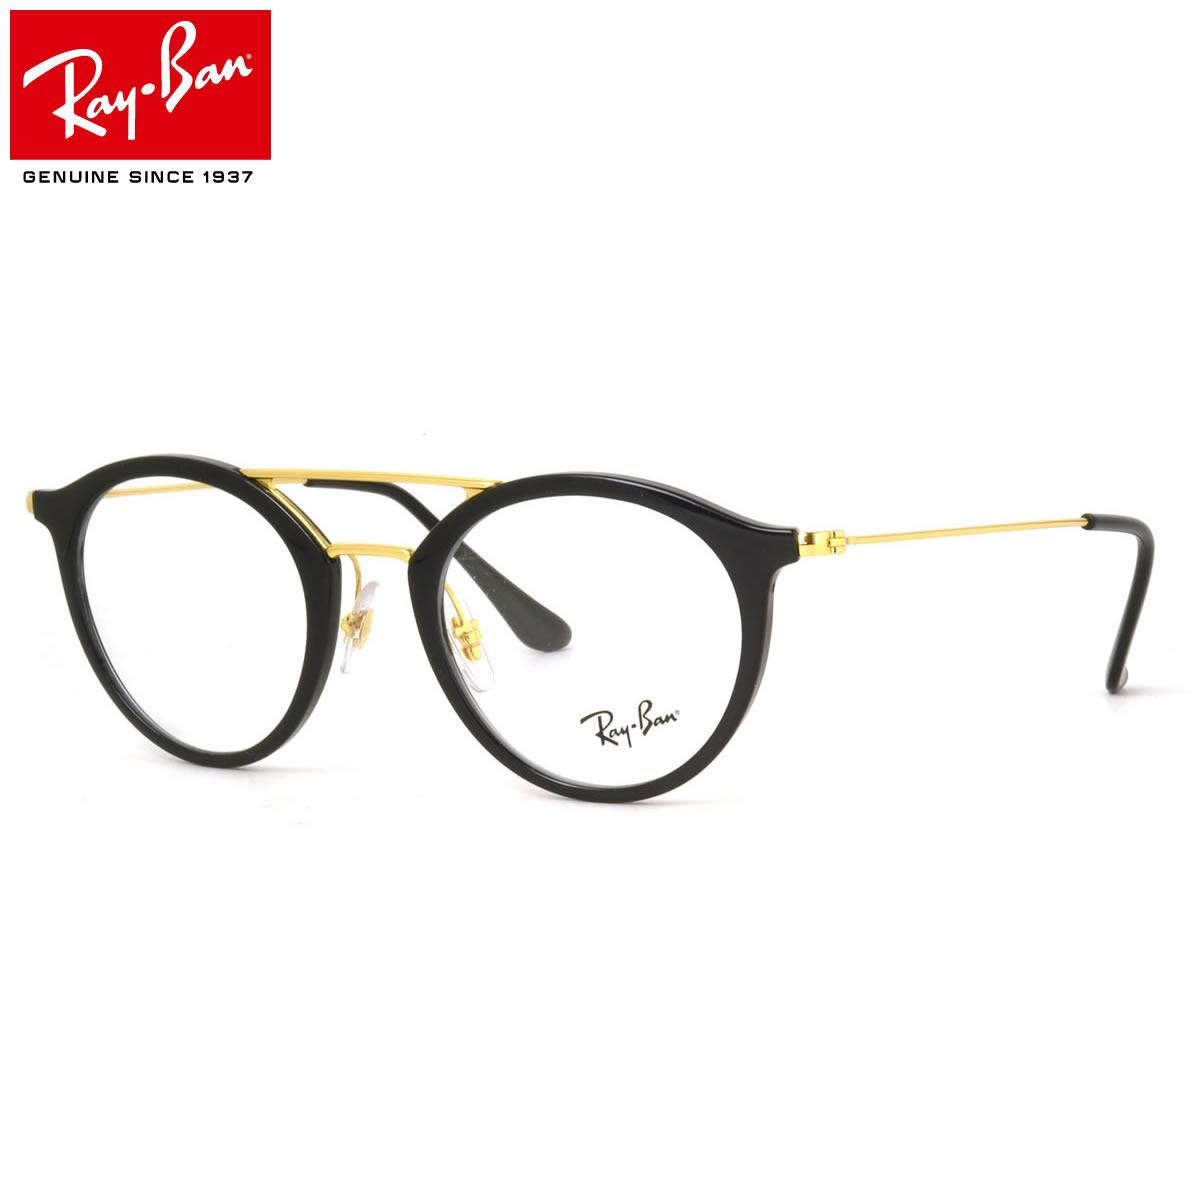 ほぼ全品ポイント15倍~最大34倍! レイバン メガネ フレーム Ray-Ban RX7097 2000 47サイズ ツーブリッジ ラウンド 丸メガネ フレーム レイバン RAYBAN メンズ レディース